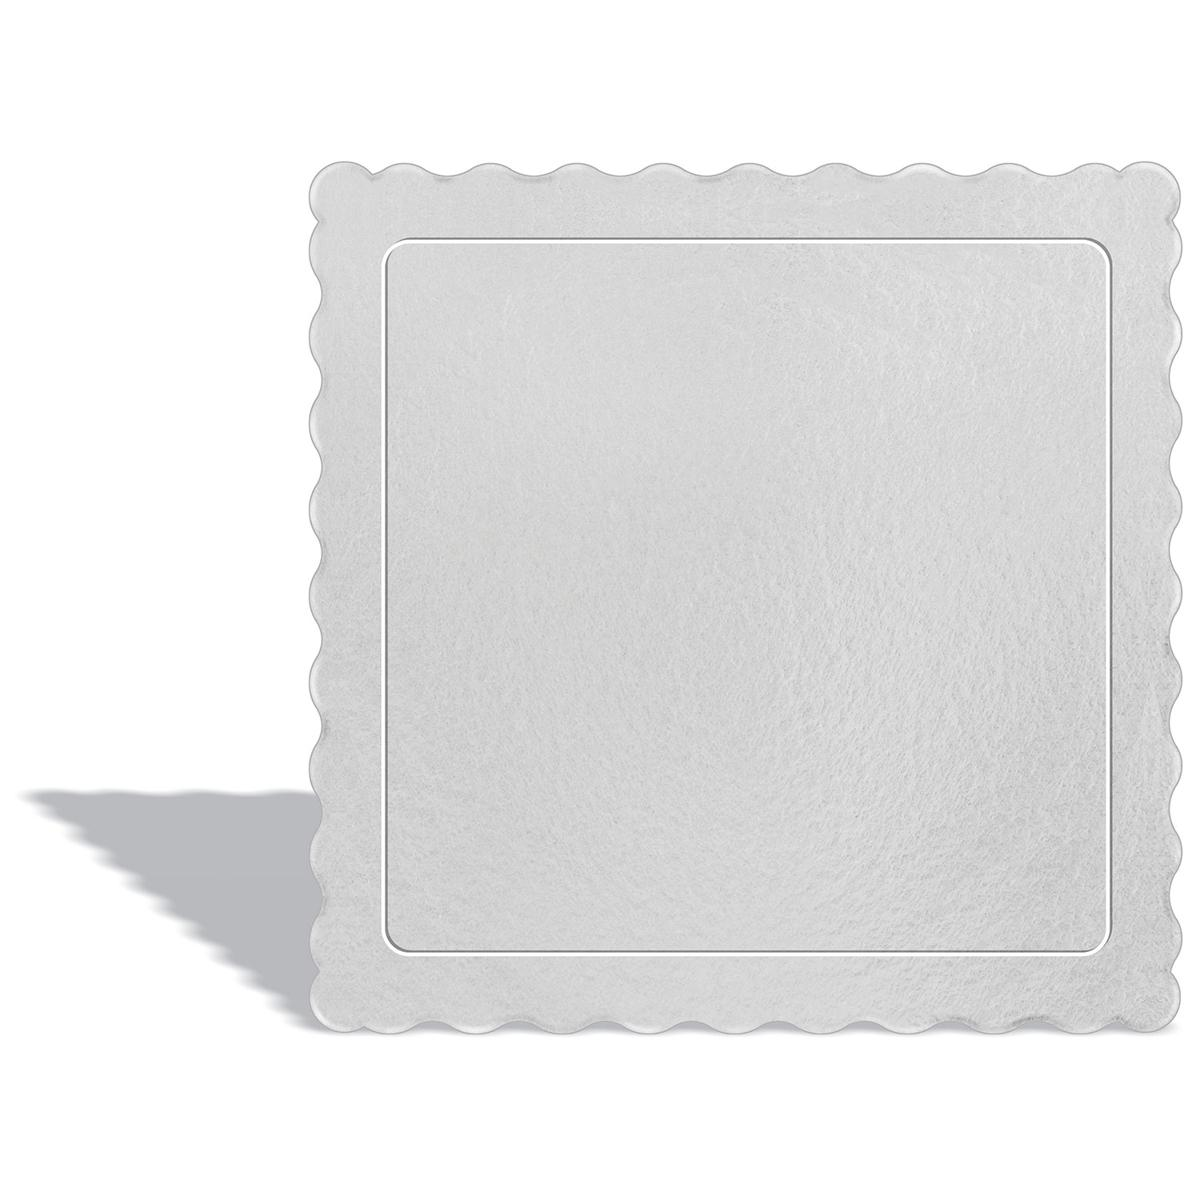 100 Bases Laminadas Para Bolo Quadrado, Cake Board 28x28cm